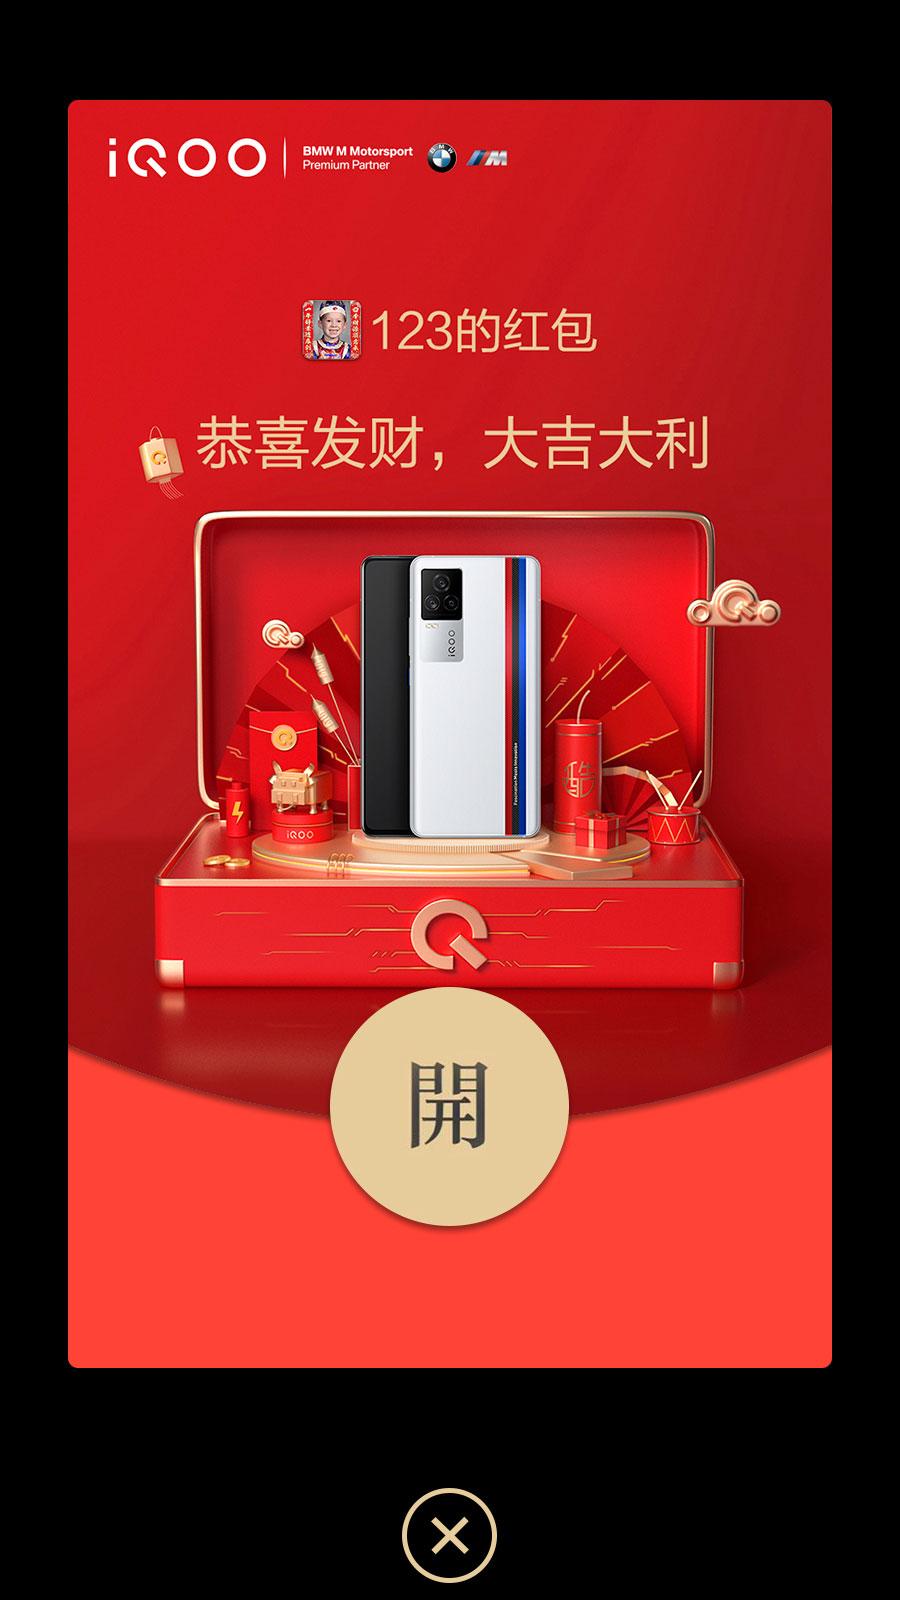 拒绝千篇一律!iQOO微信红包封面让新年祝福与众不同